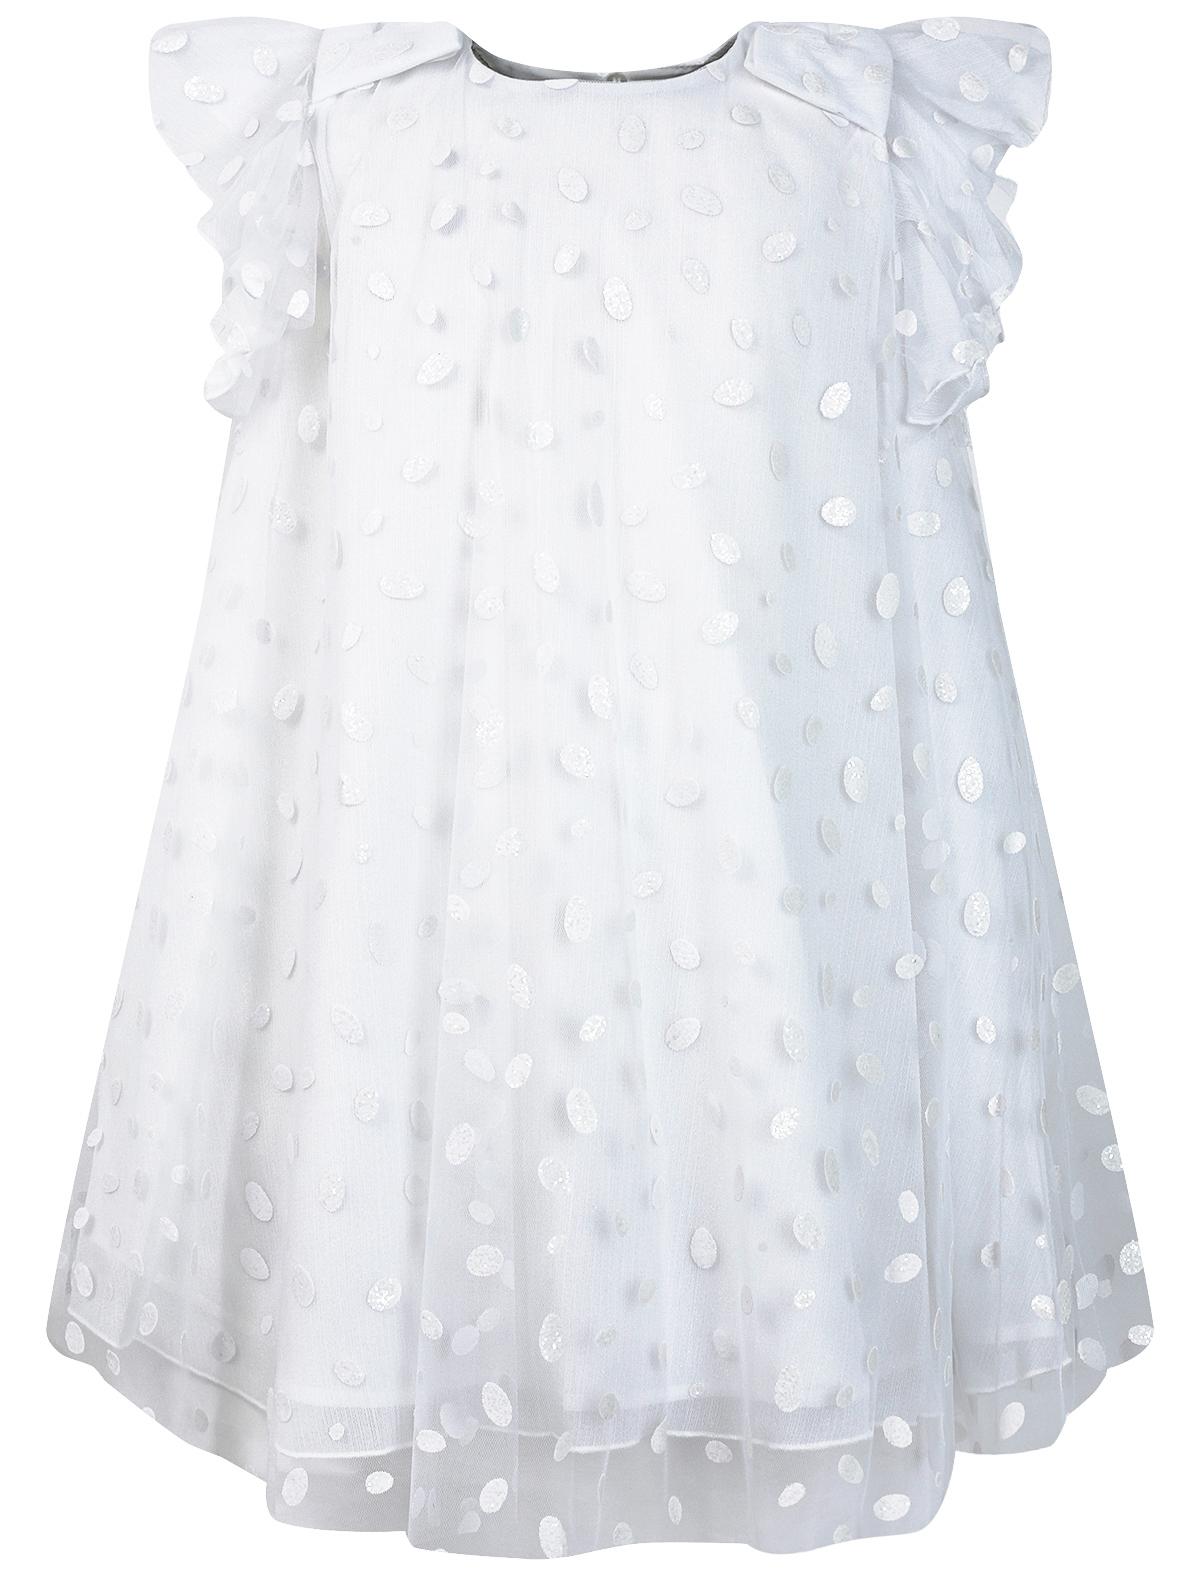 Купить 2298781, Платье Mayoral, белый, Женский, 1054609172230